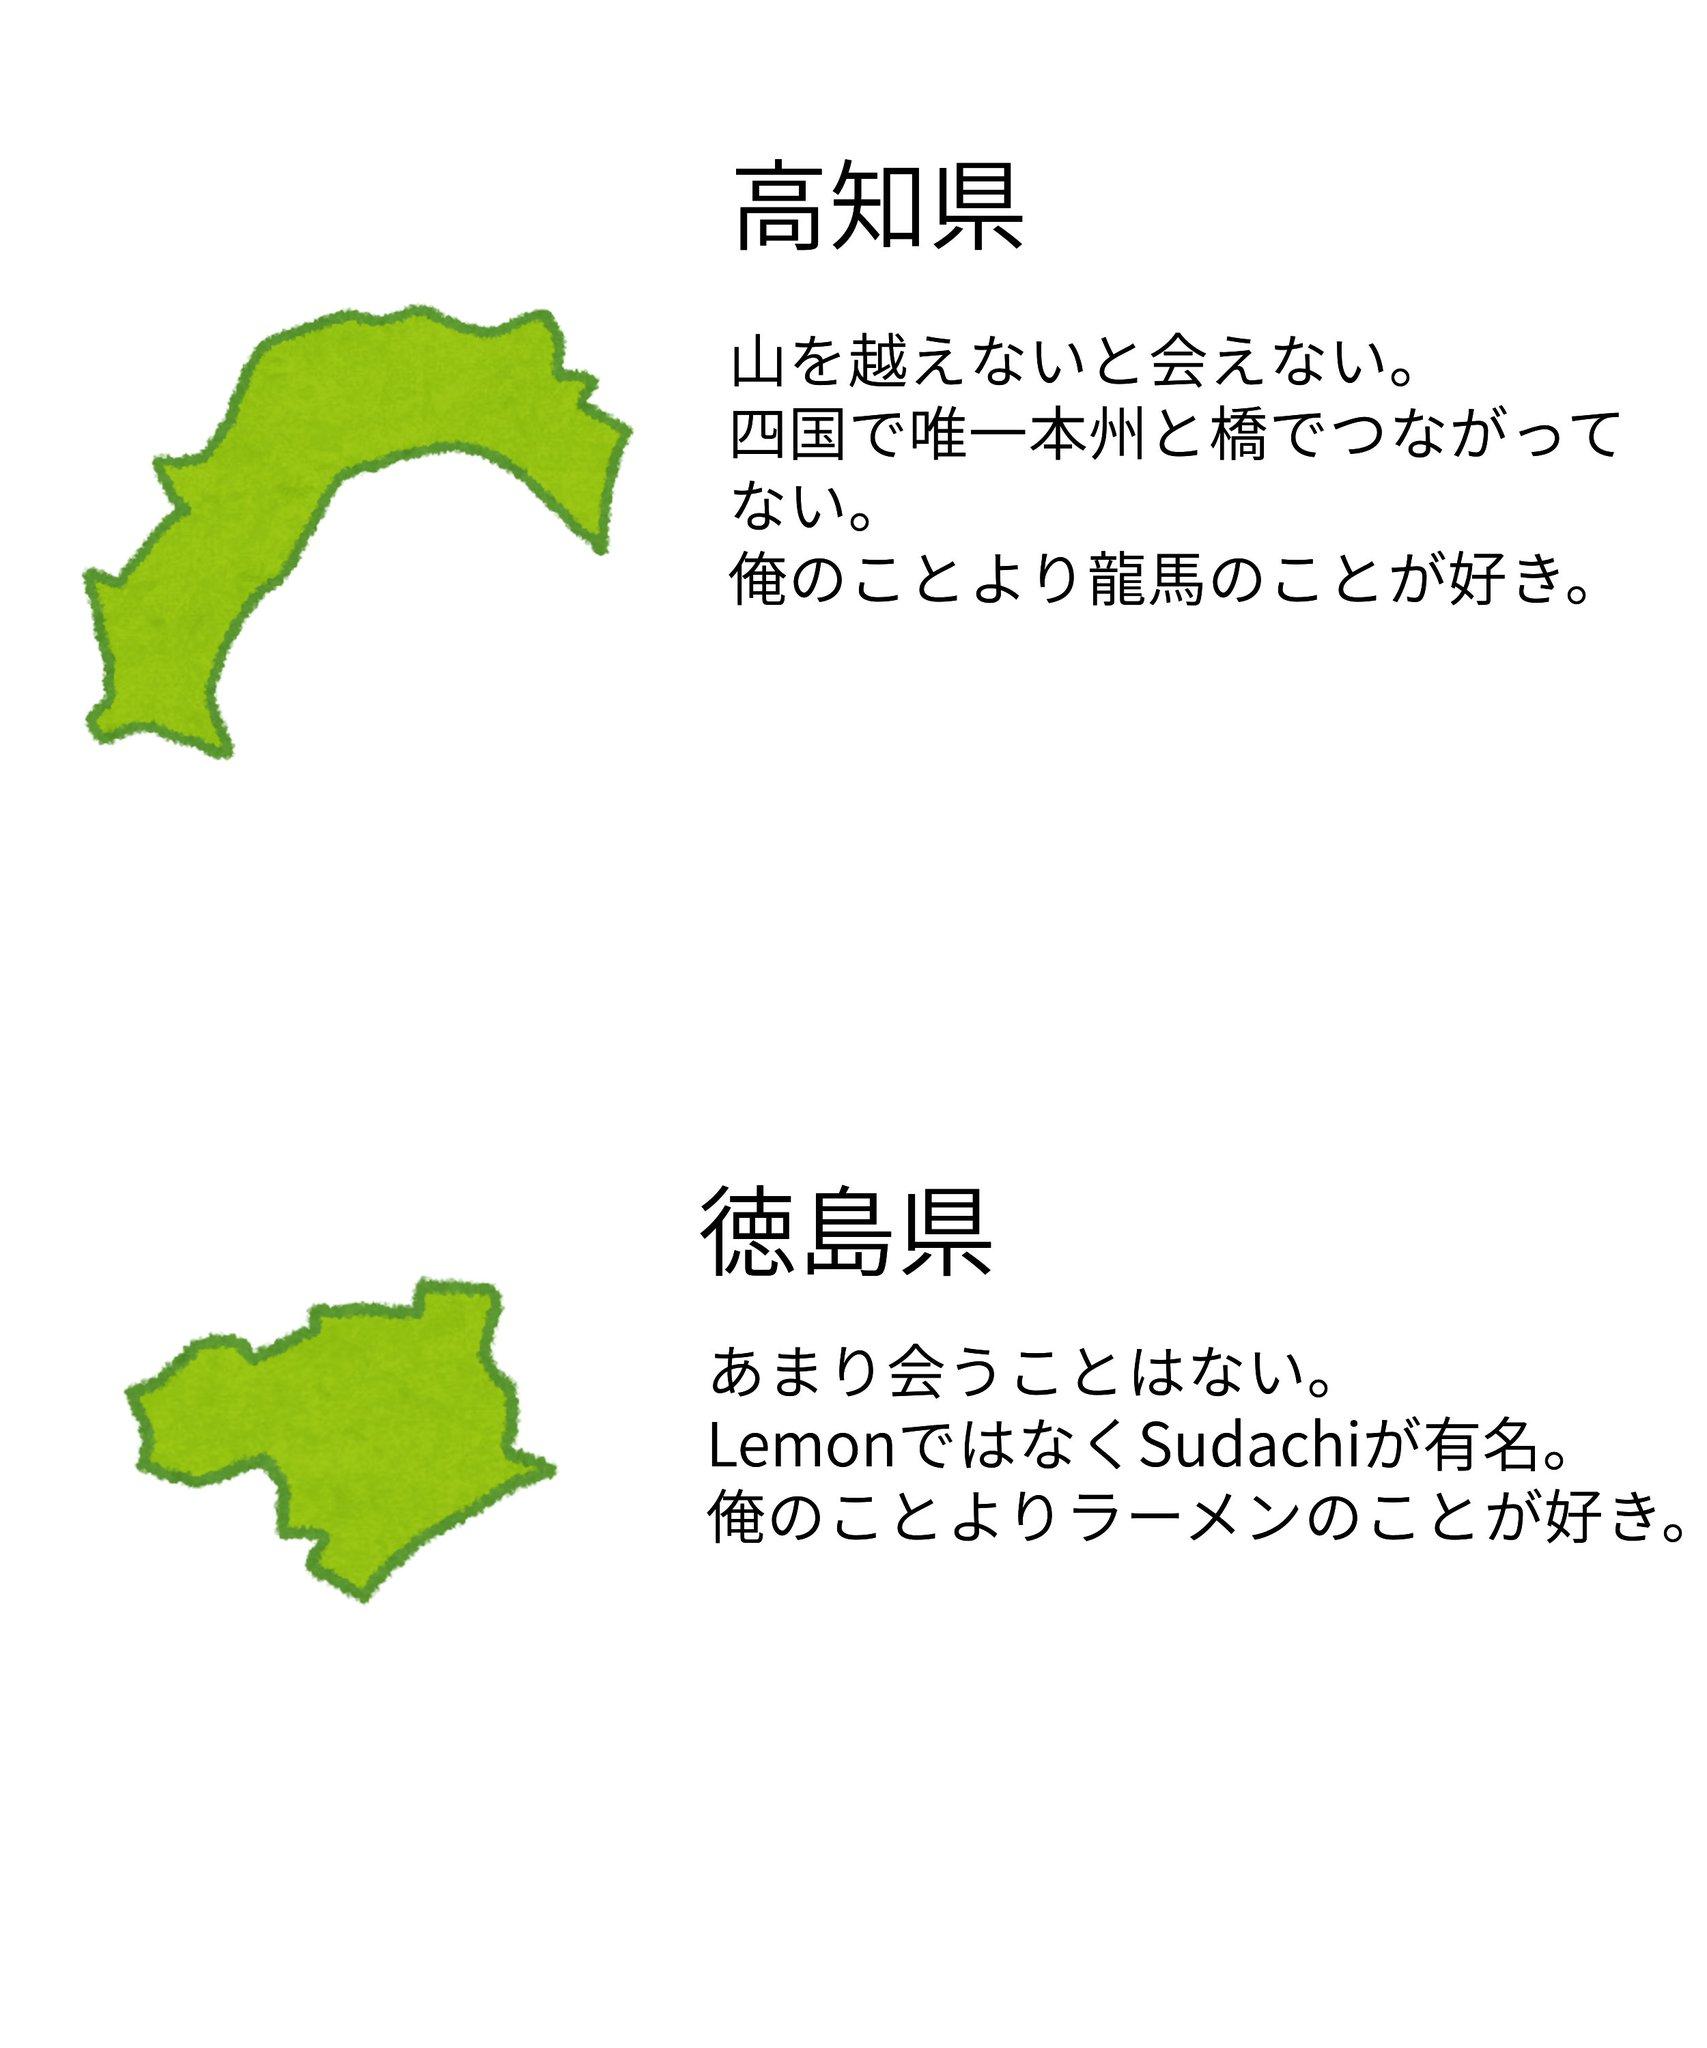 愛媛県を取り巻く四国の相関図